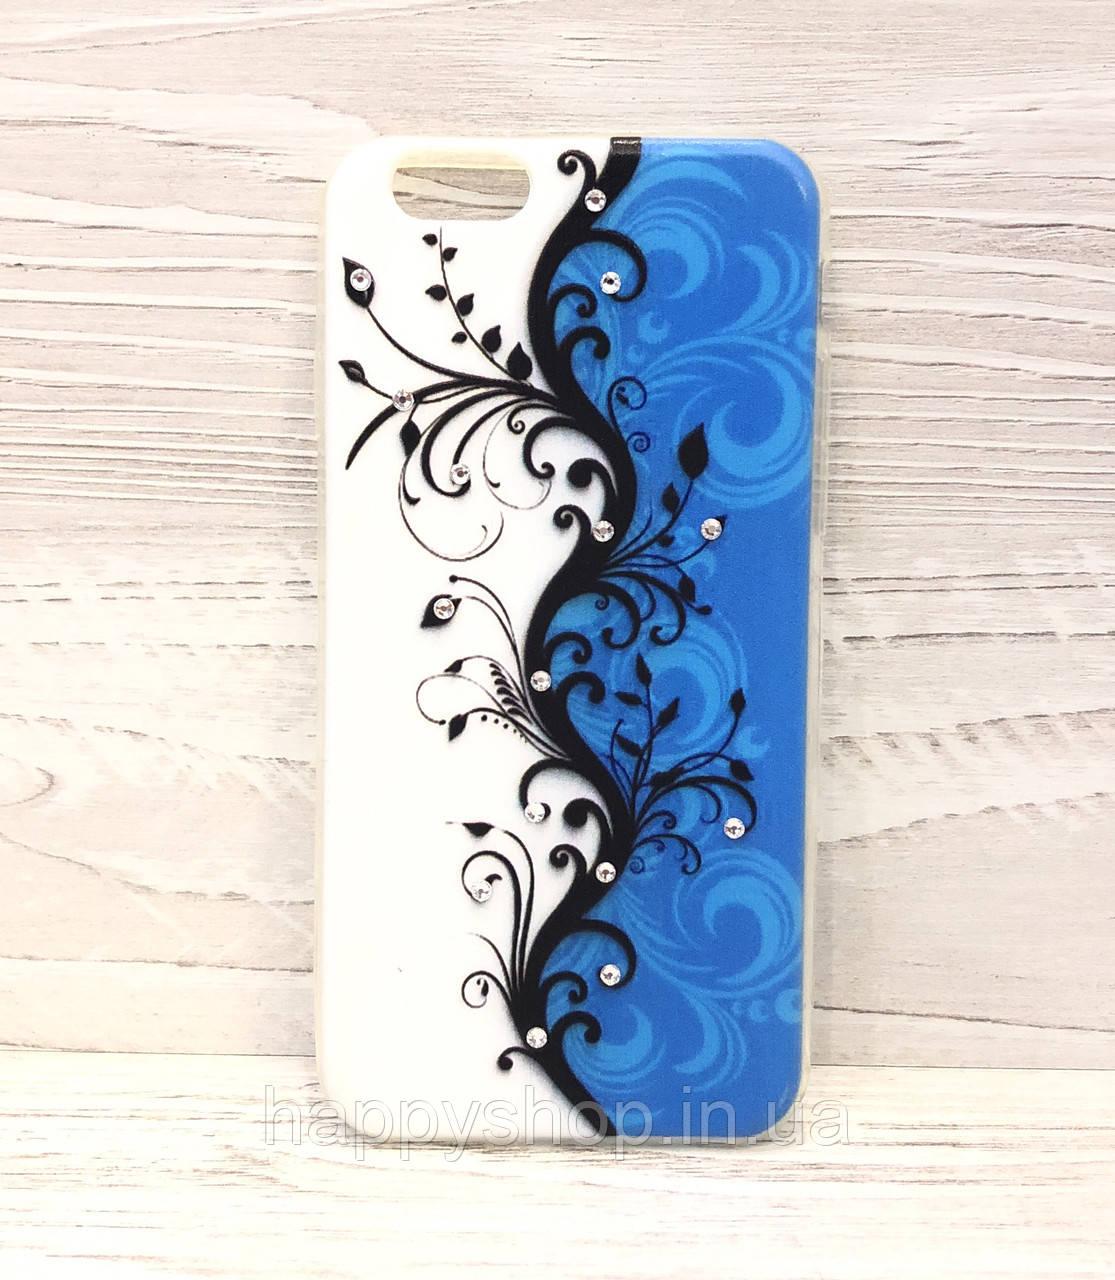 Силиконовый чехол-накладка для iPhone 6/6S (Blue Rose)